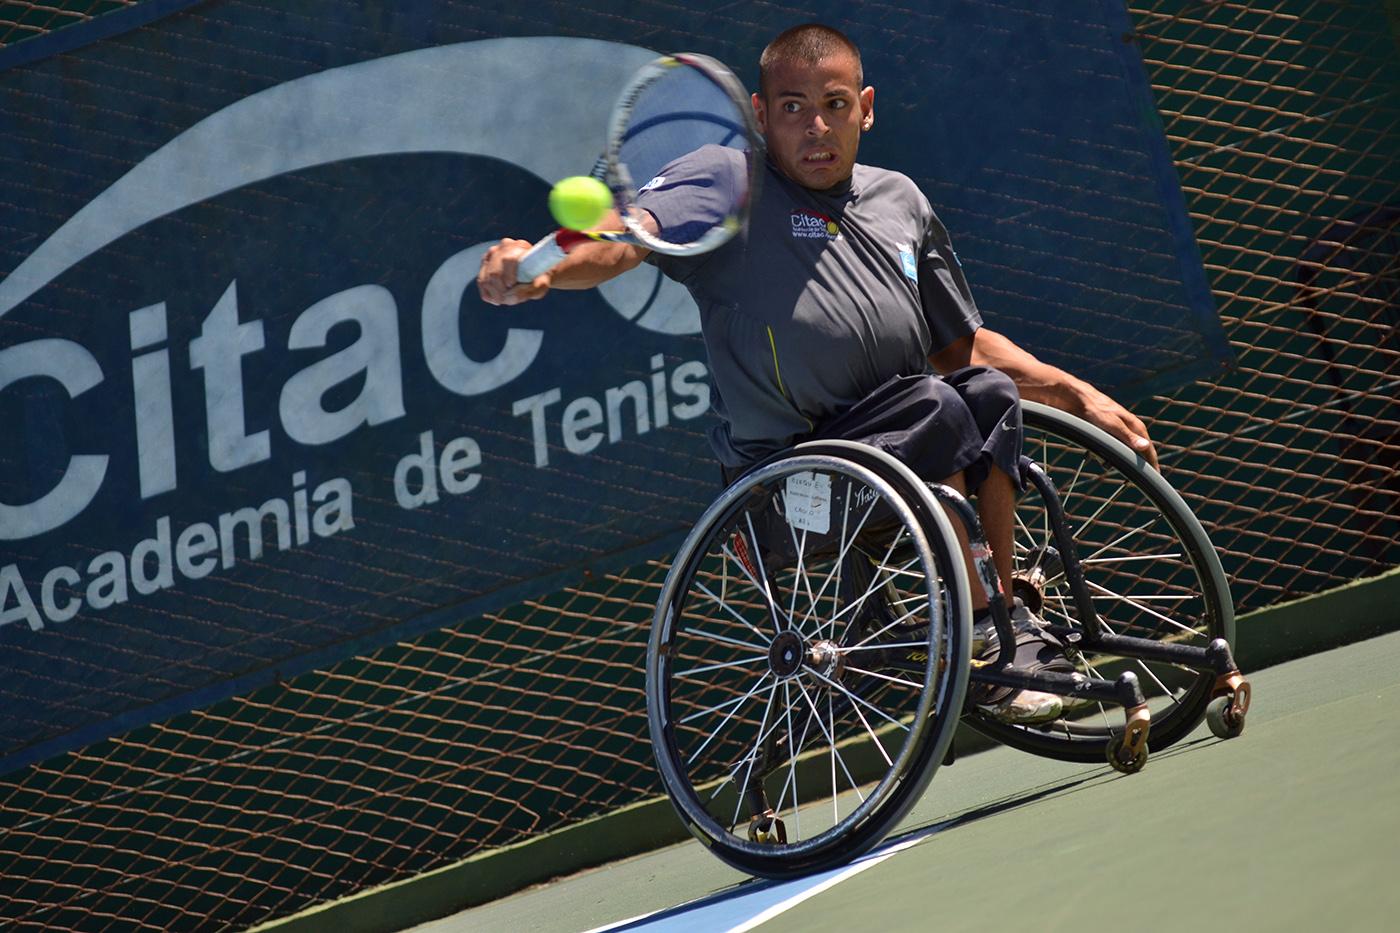 Tenis adaptado: Casco, doble campeón en Vicente López